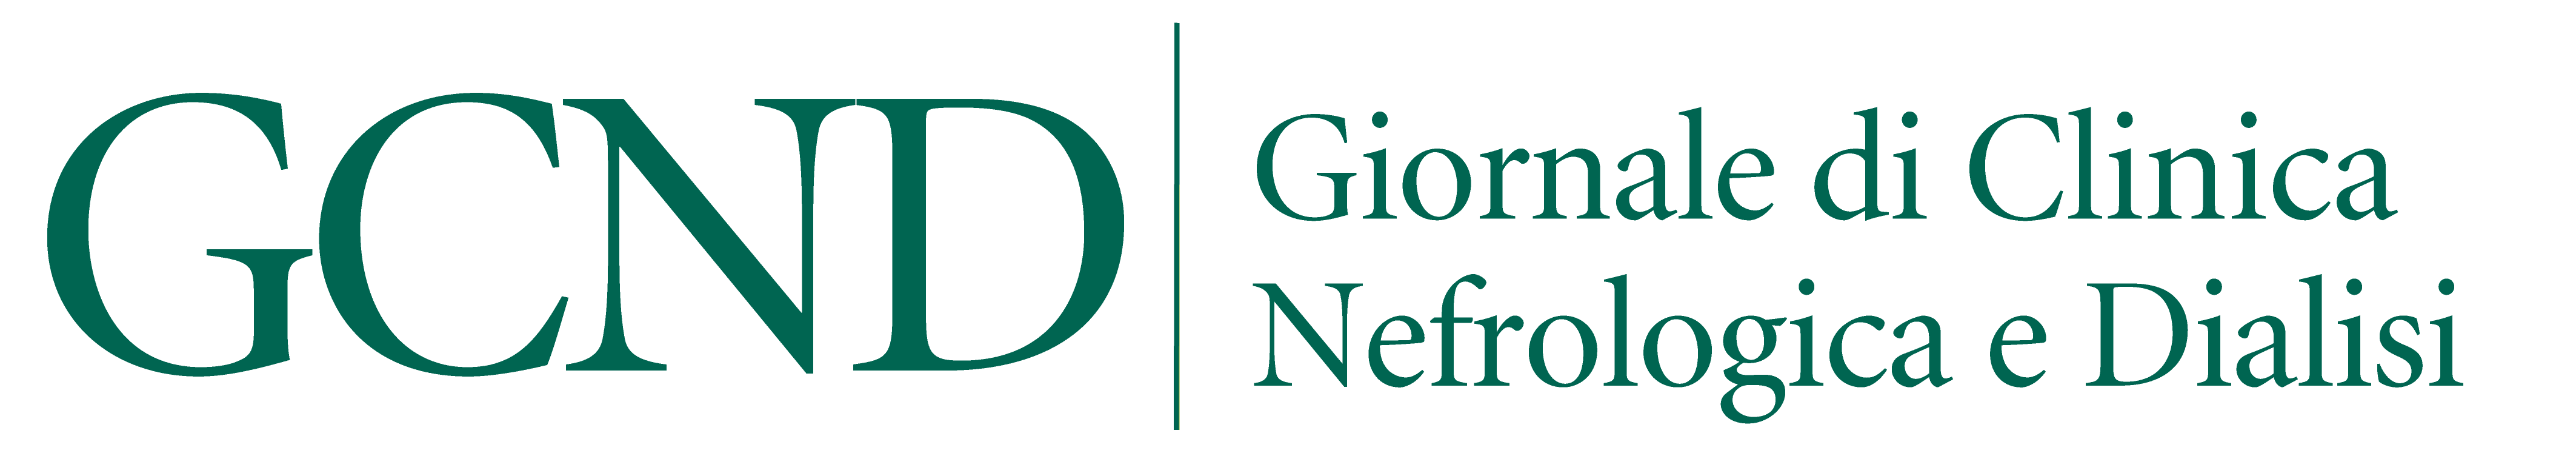 GCND_logo